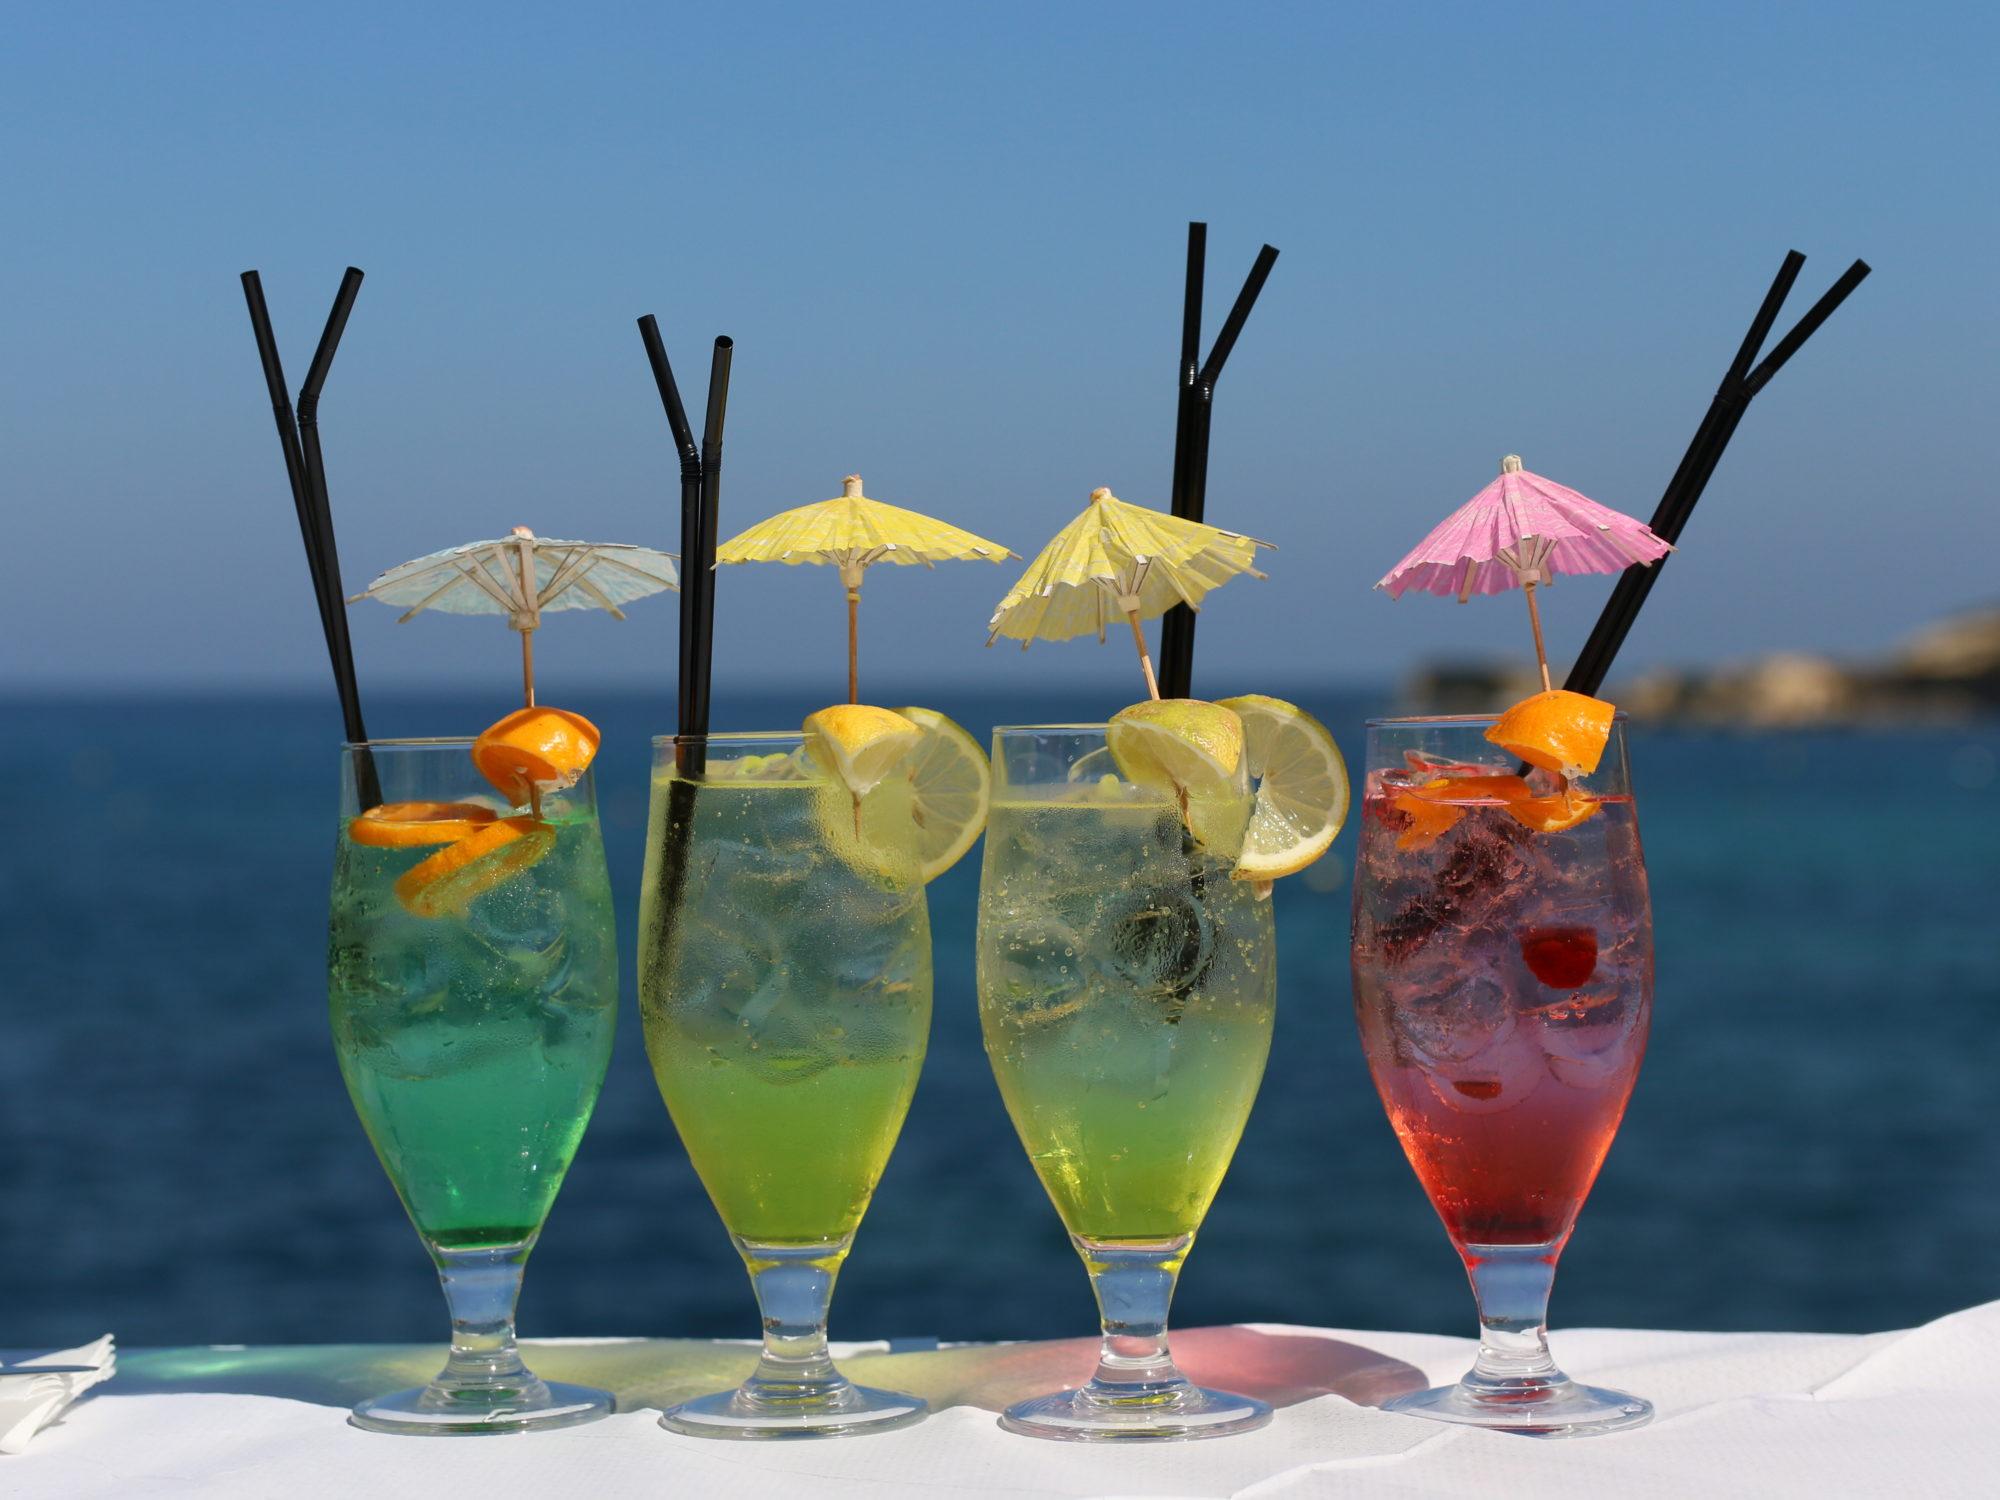 IL-KARTELL レストラン〜ゴゾ島マルサルフォン でインスタ映えする、きれいな海を見ながらの屋外ランチ〜